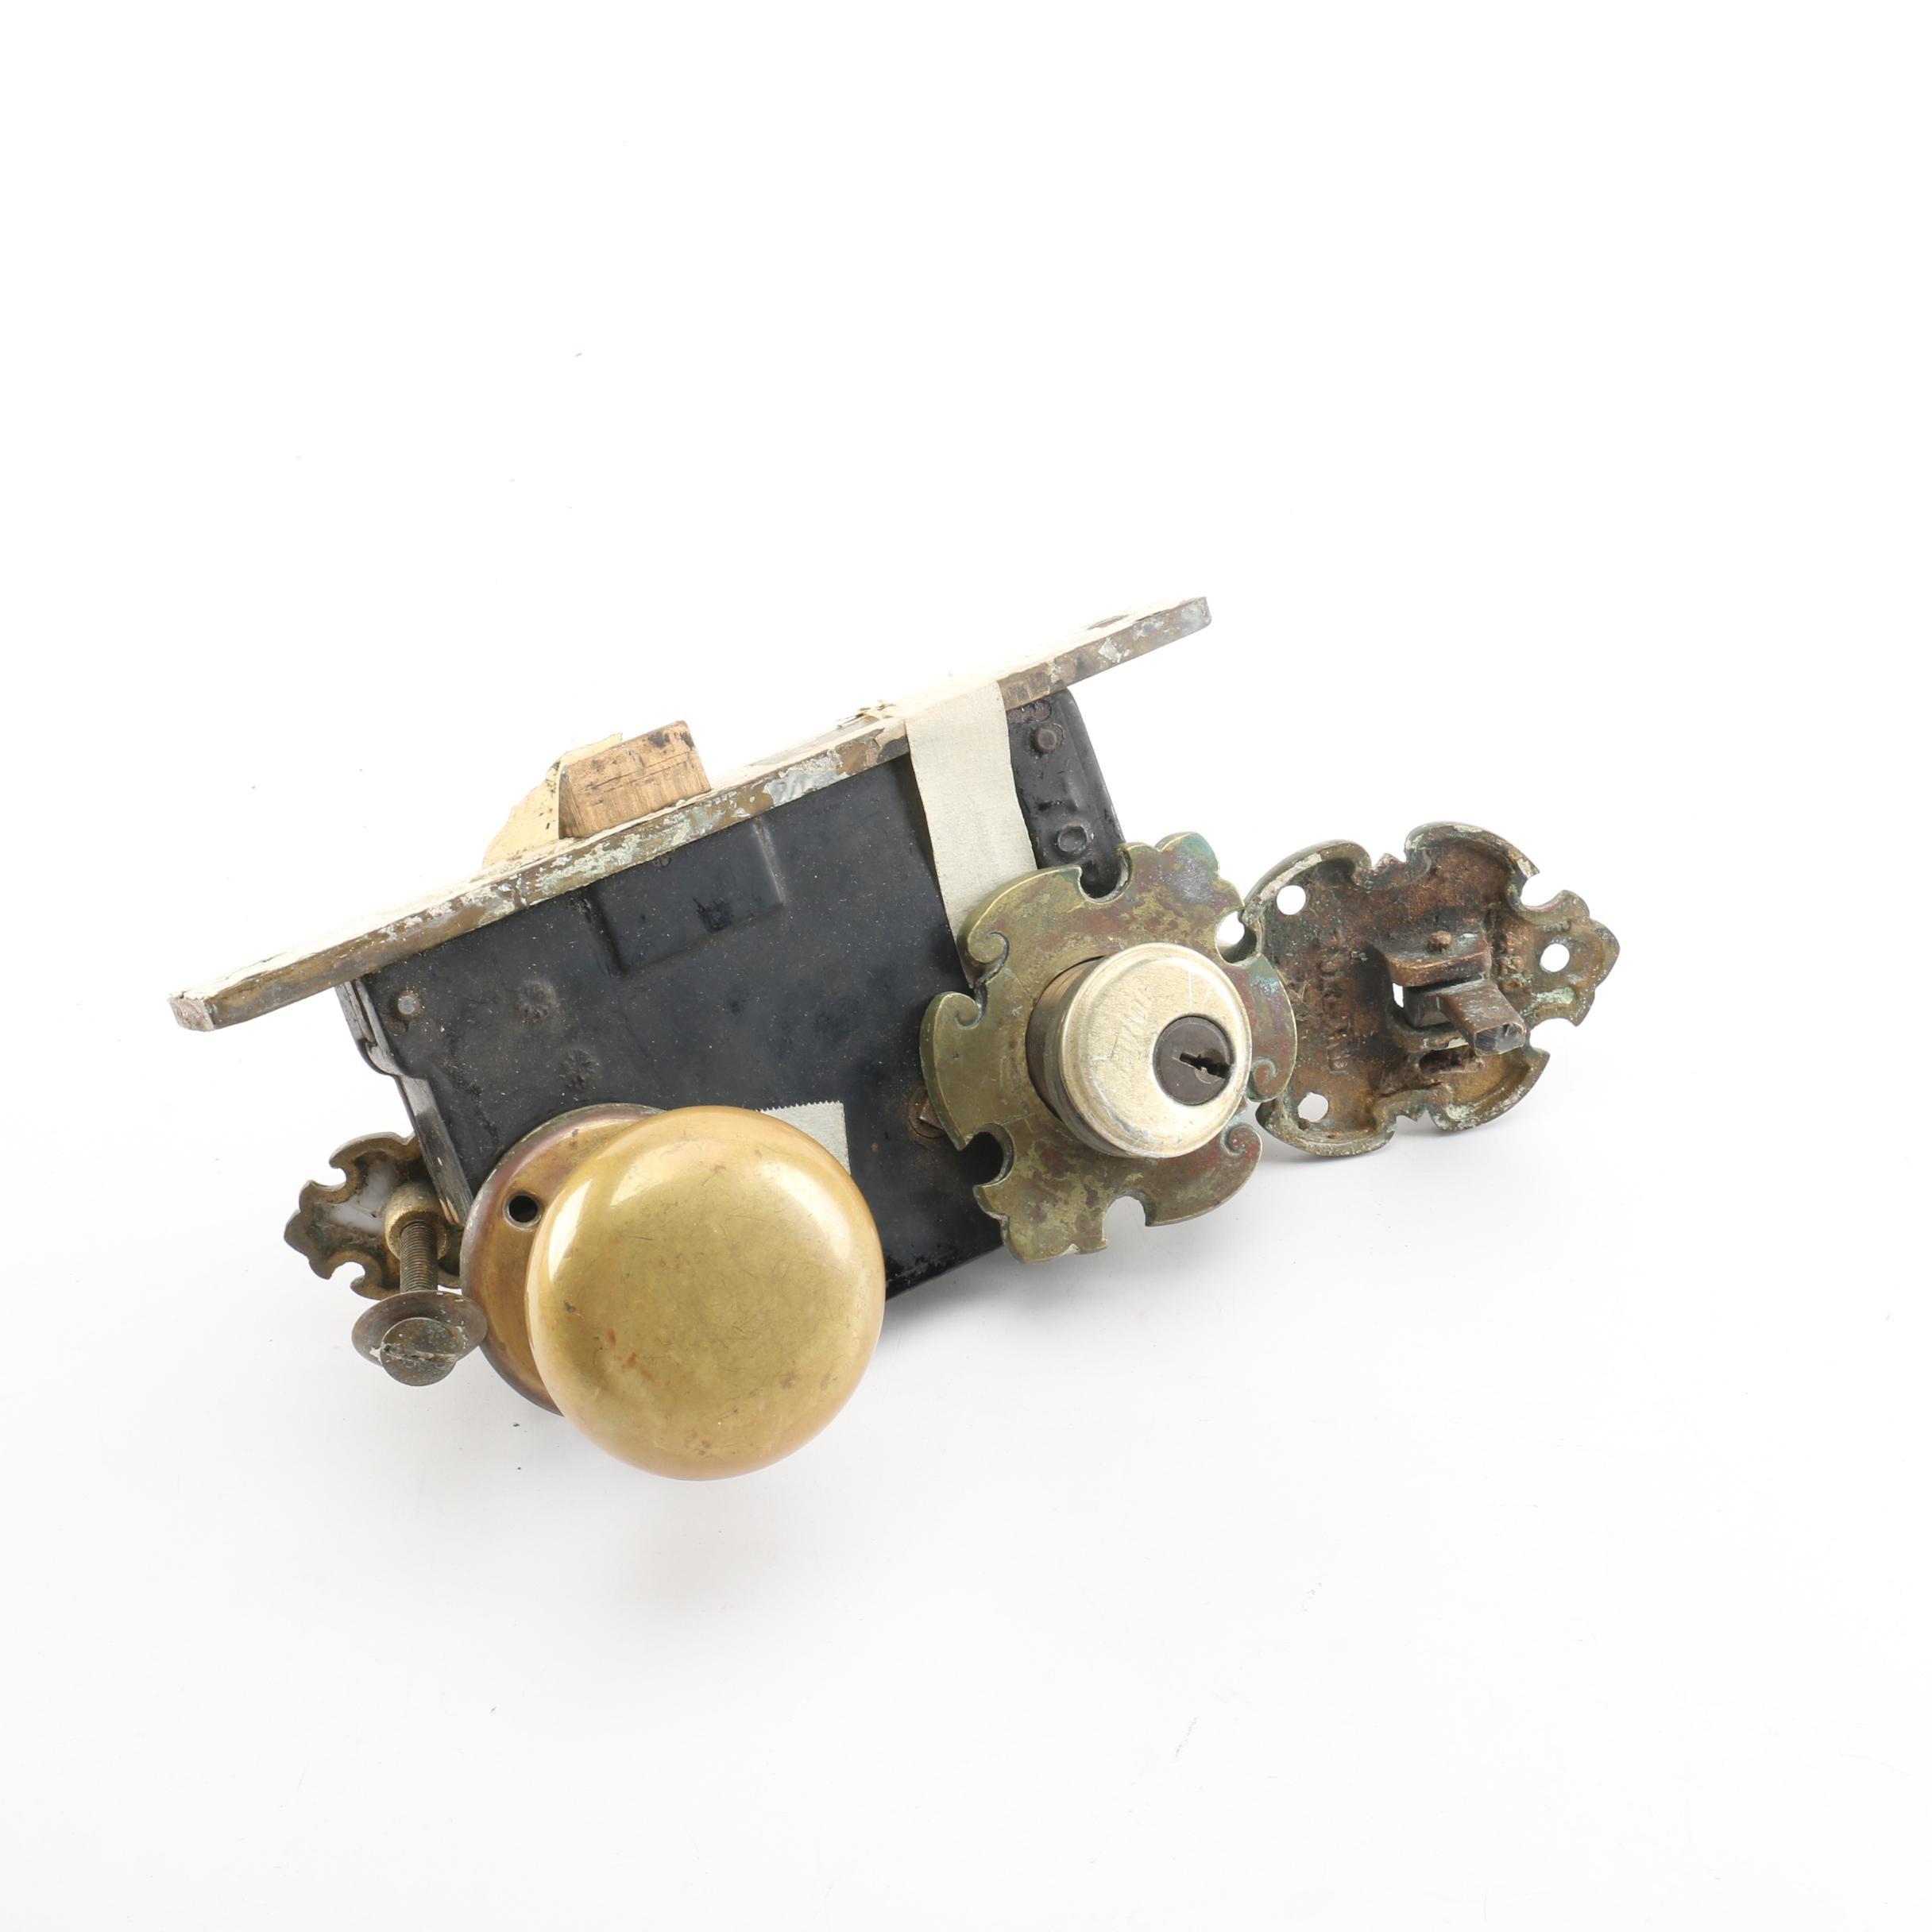 Russwin Mortisse Lock and Door Hardware